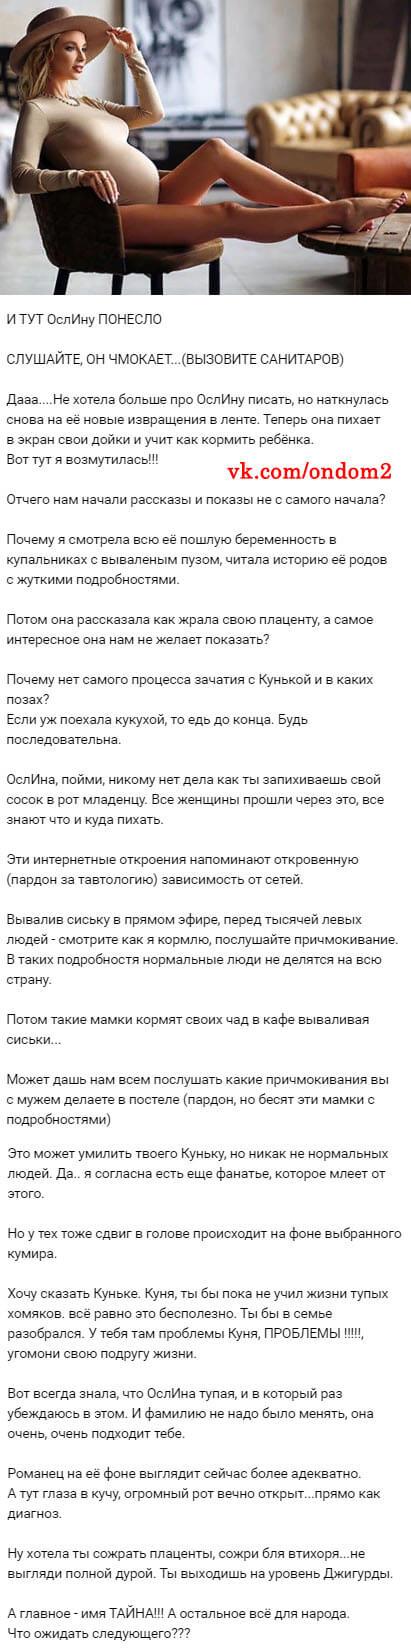 Новость про Кристину Ослину вконтакте